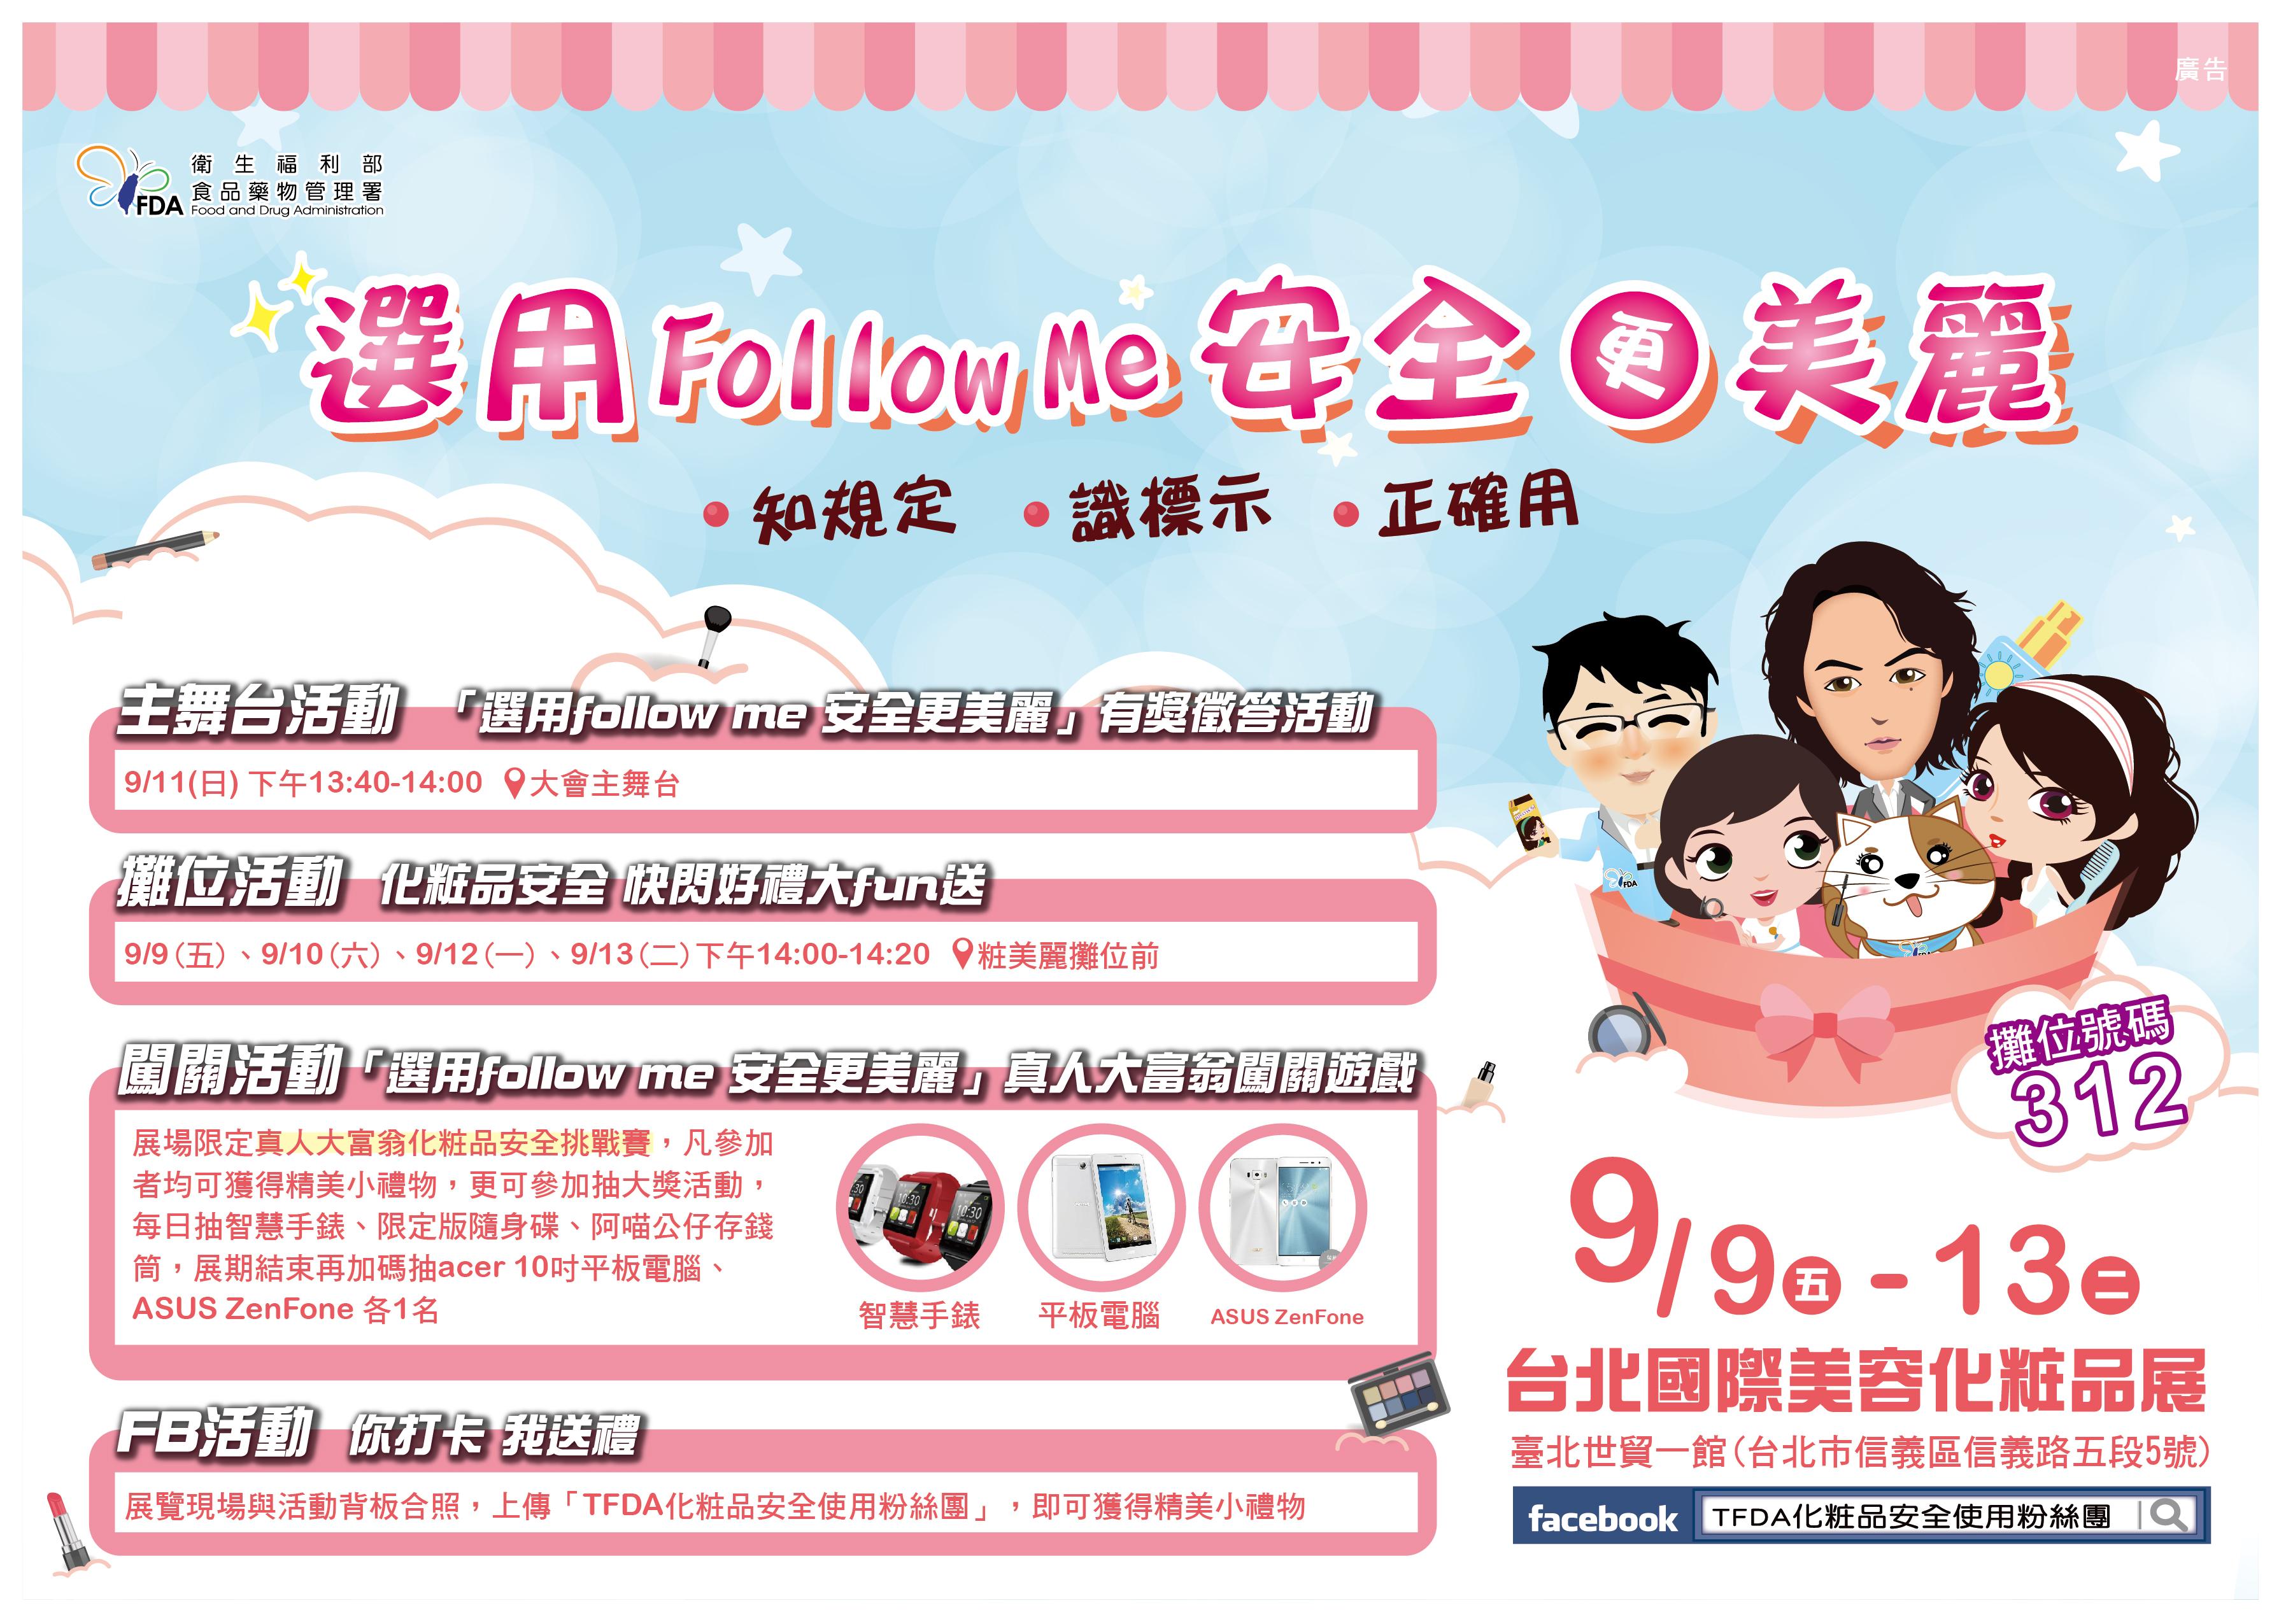 選用Follow Me 安全更美麗-台北國際美容化粧品展